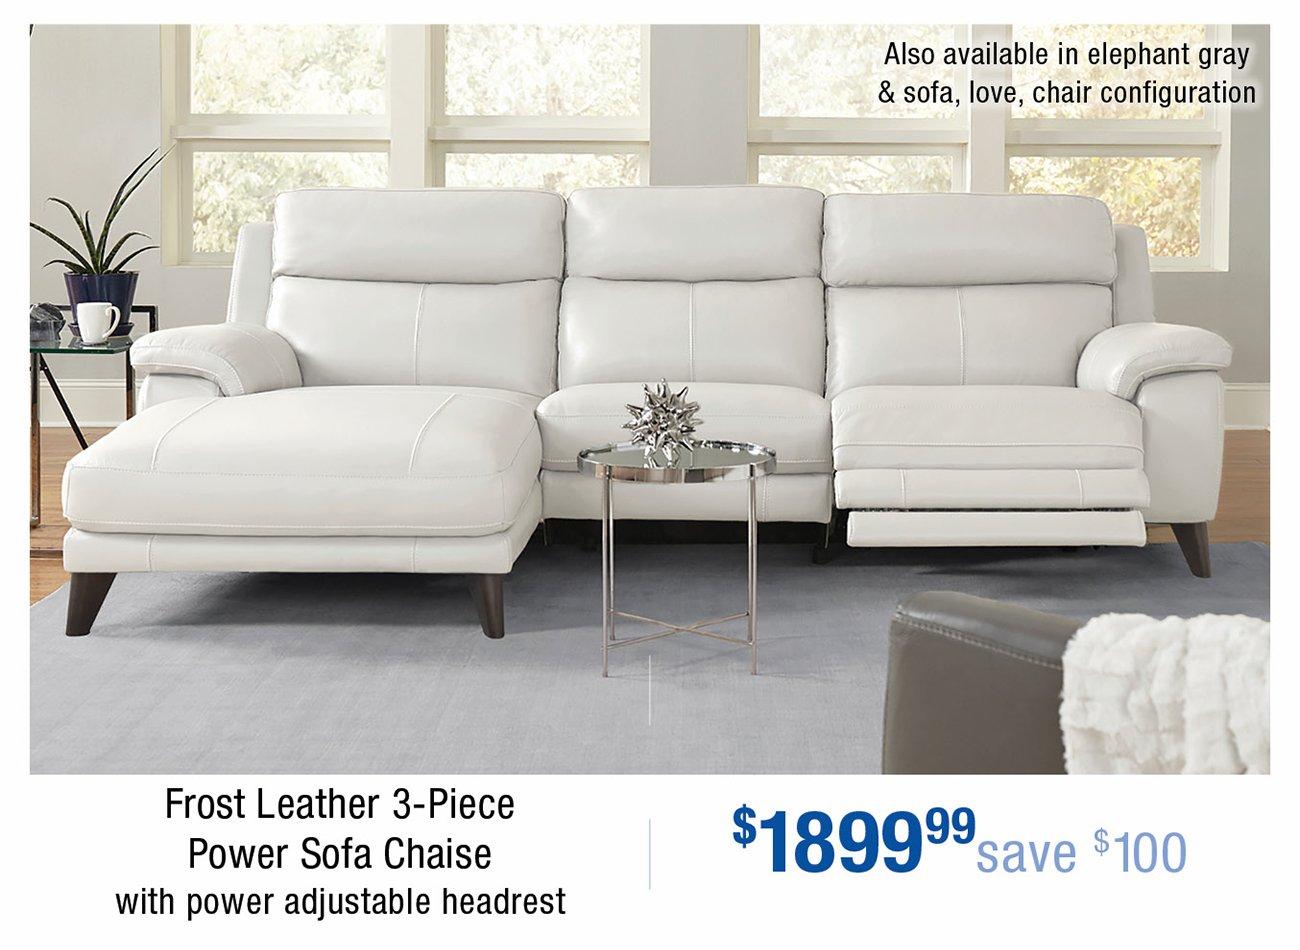 Power-sofa-chaise